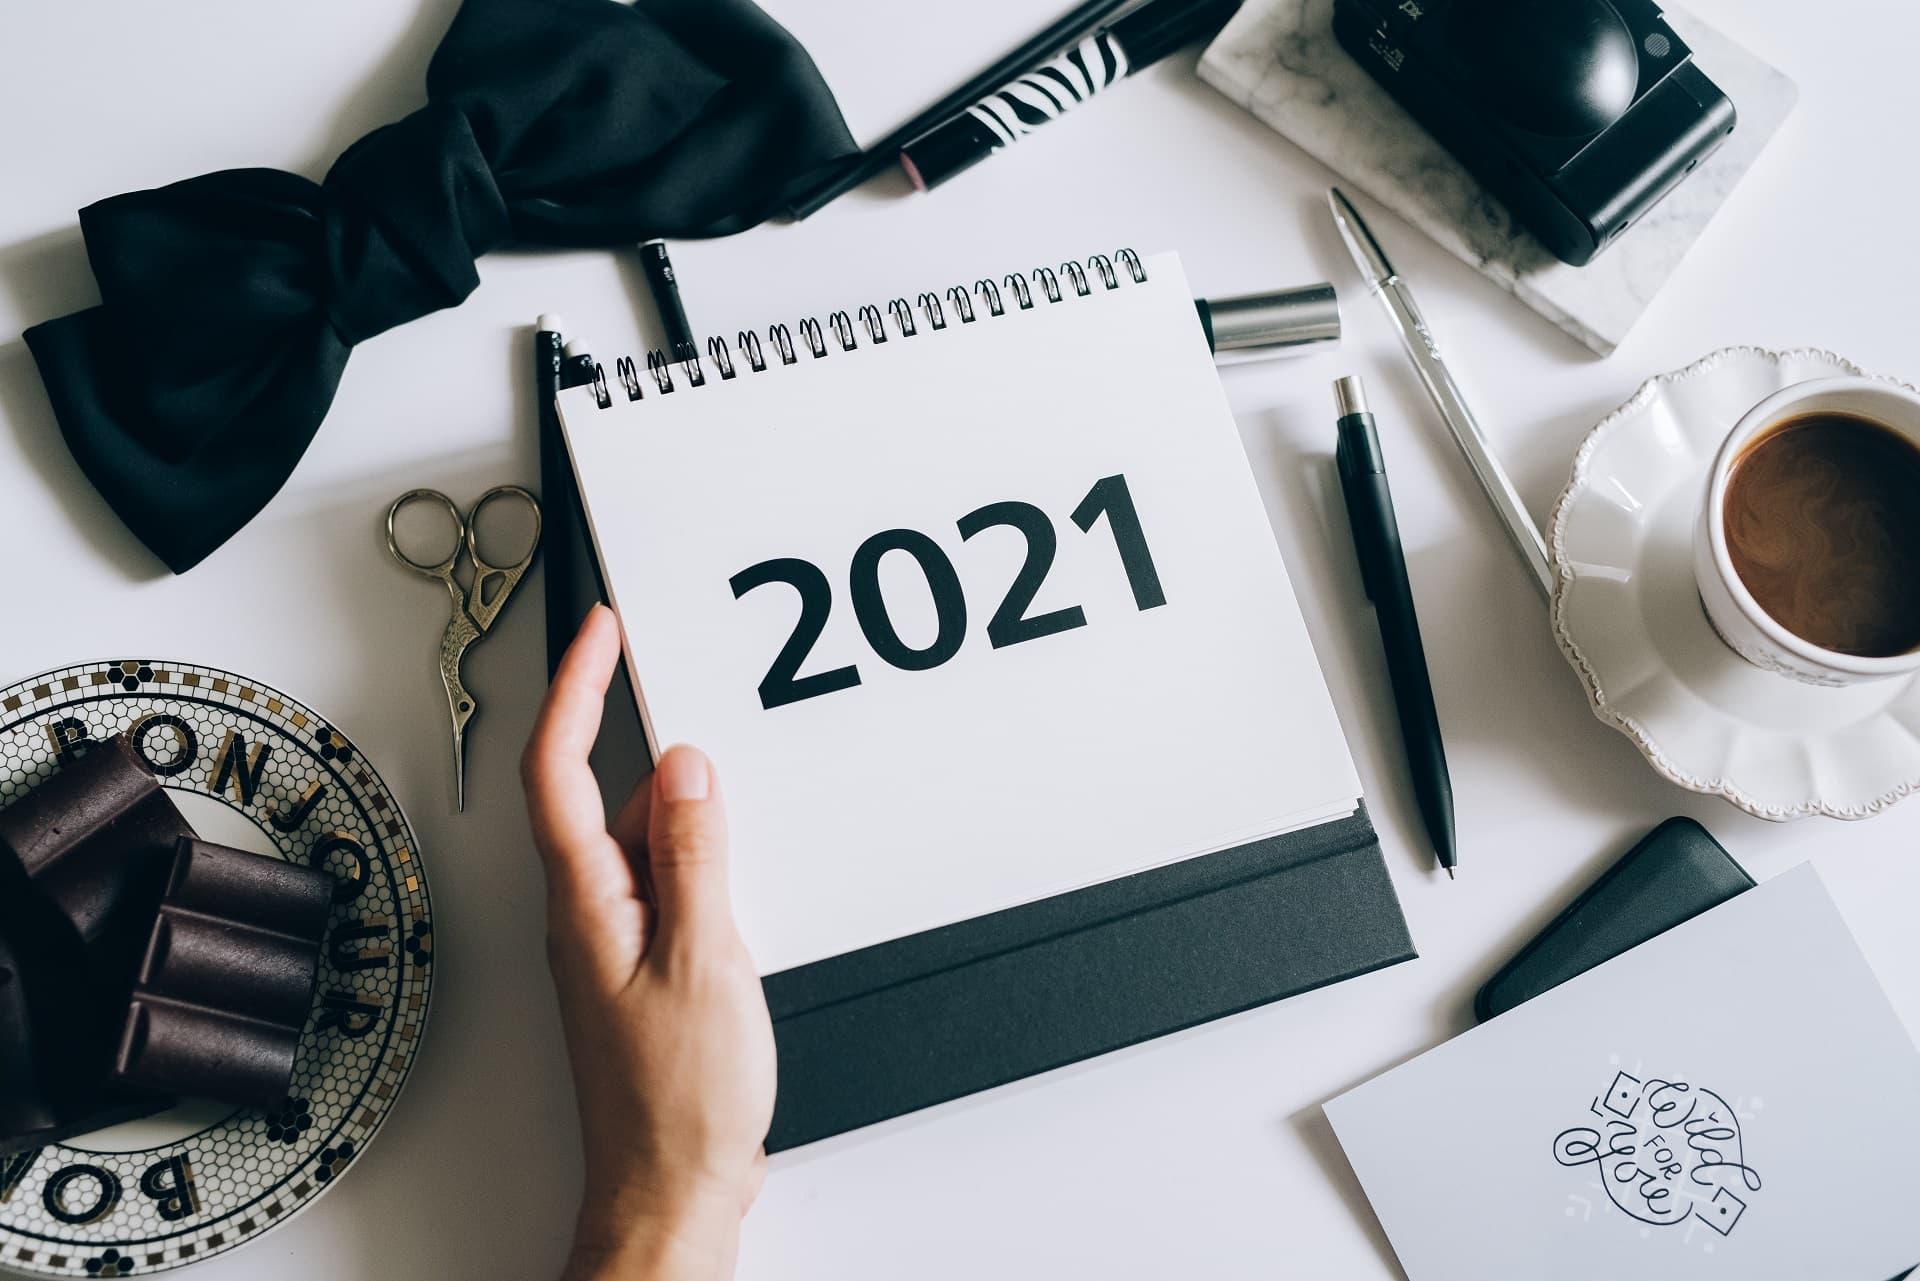 Marketingplanung 2021 – lohnt sich das überhaupt? Unbedingt!